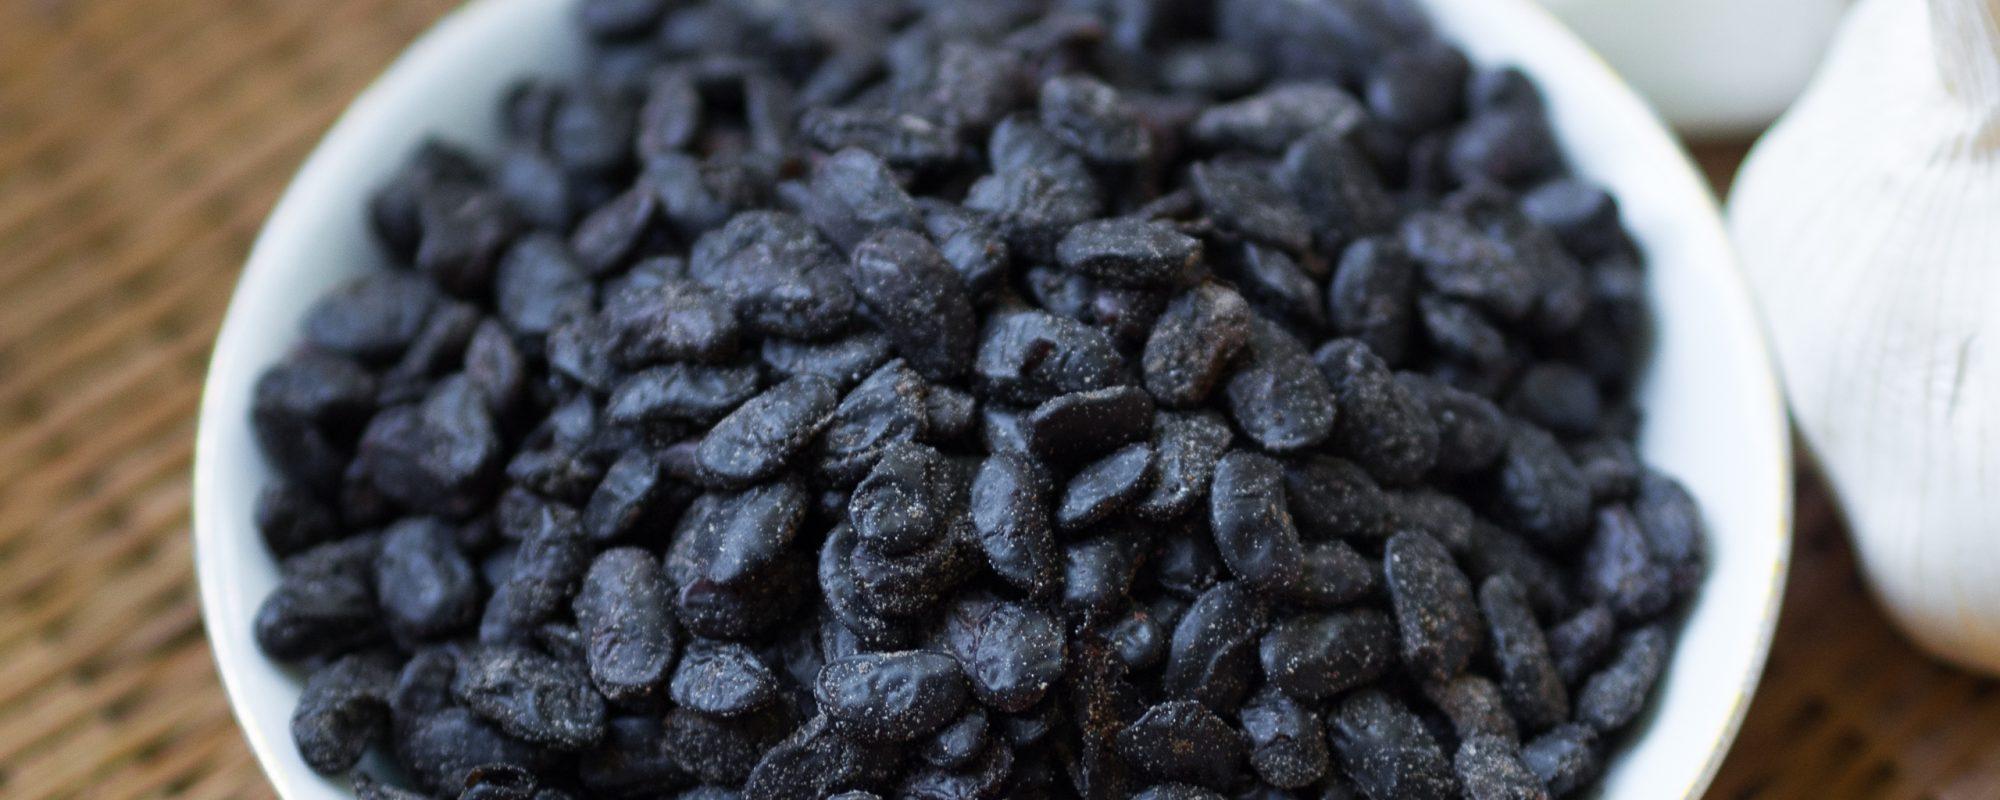 Black Beans - Dried